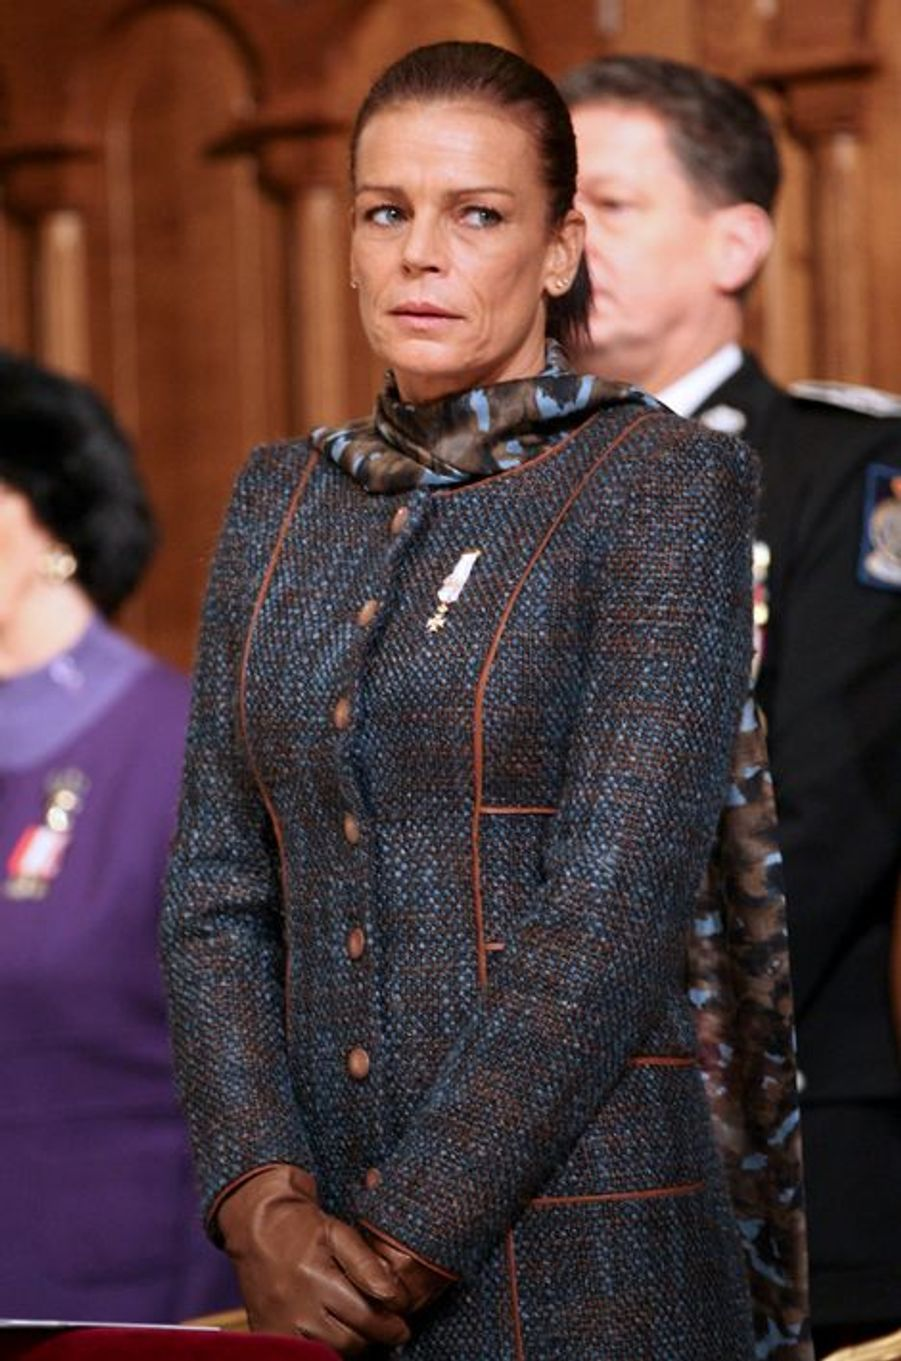 La princesse Stéphanie de Monaco le 17 novembre 2010